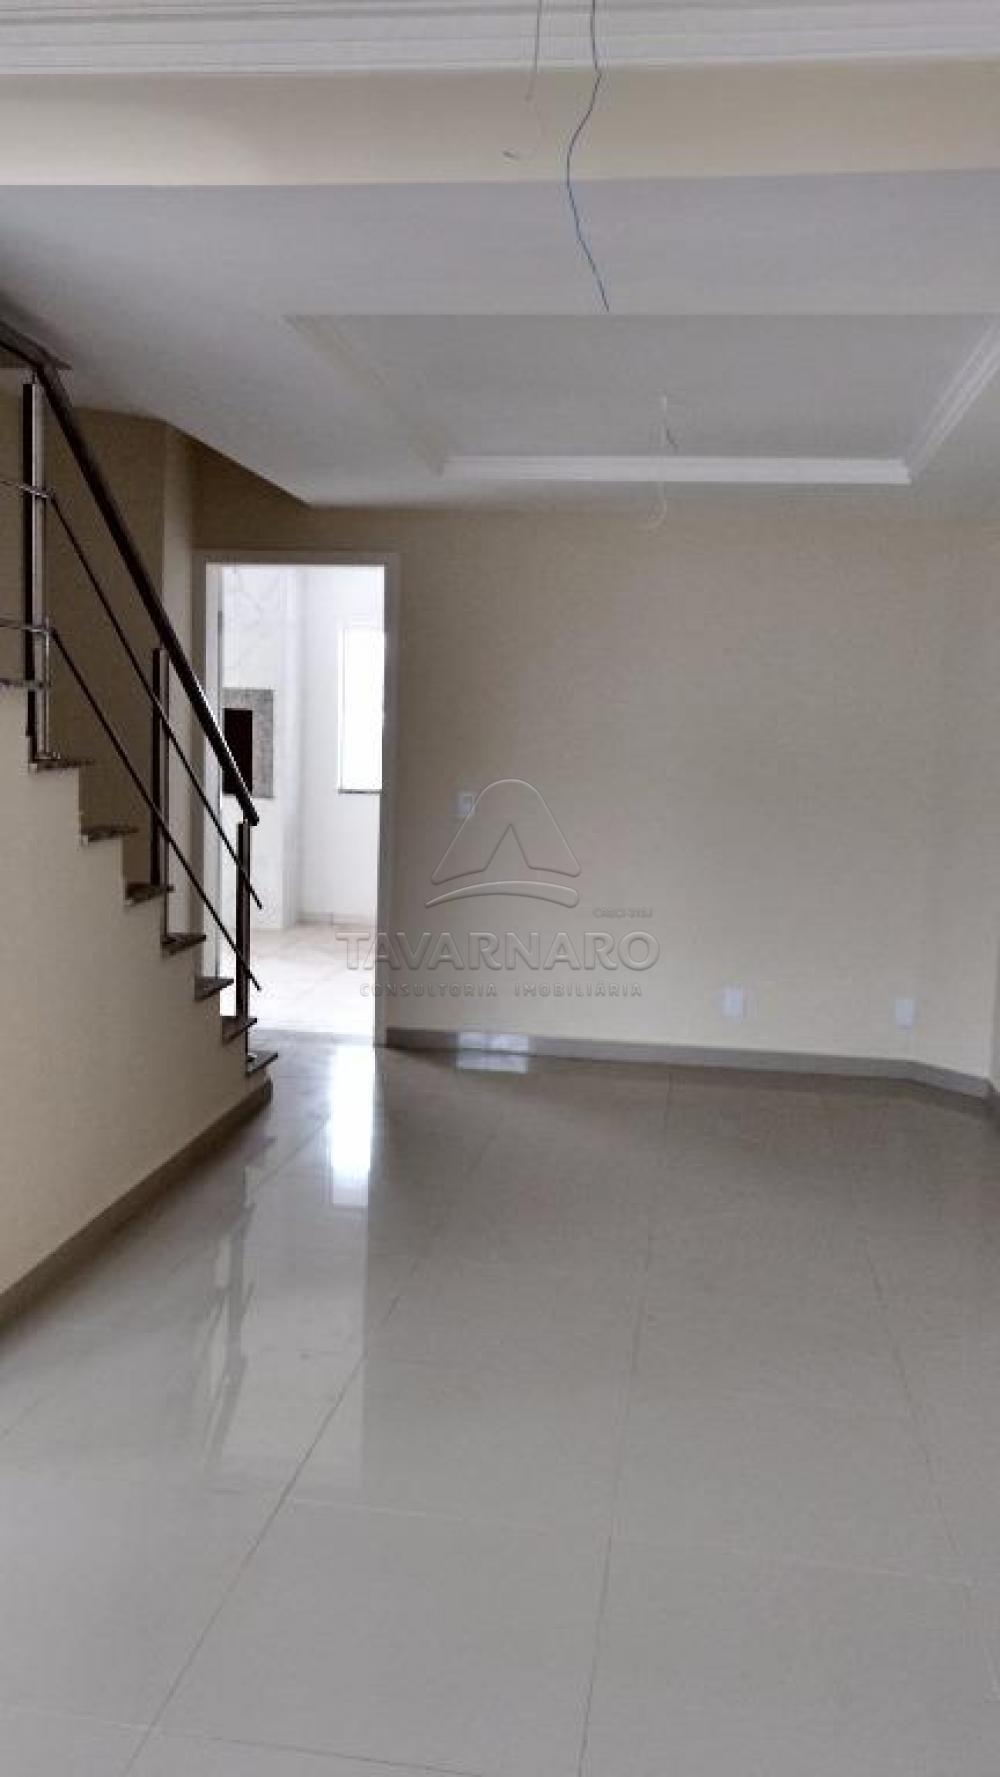 Comprar Casa / Sobrado em Ponta Grossa apenas R$ 700.000,00 - Foto 6